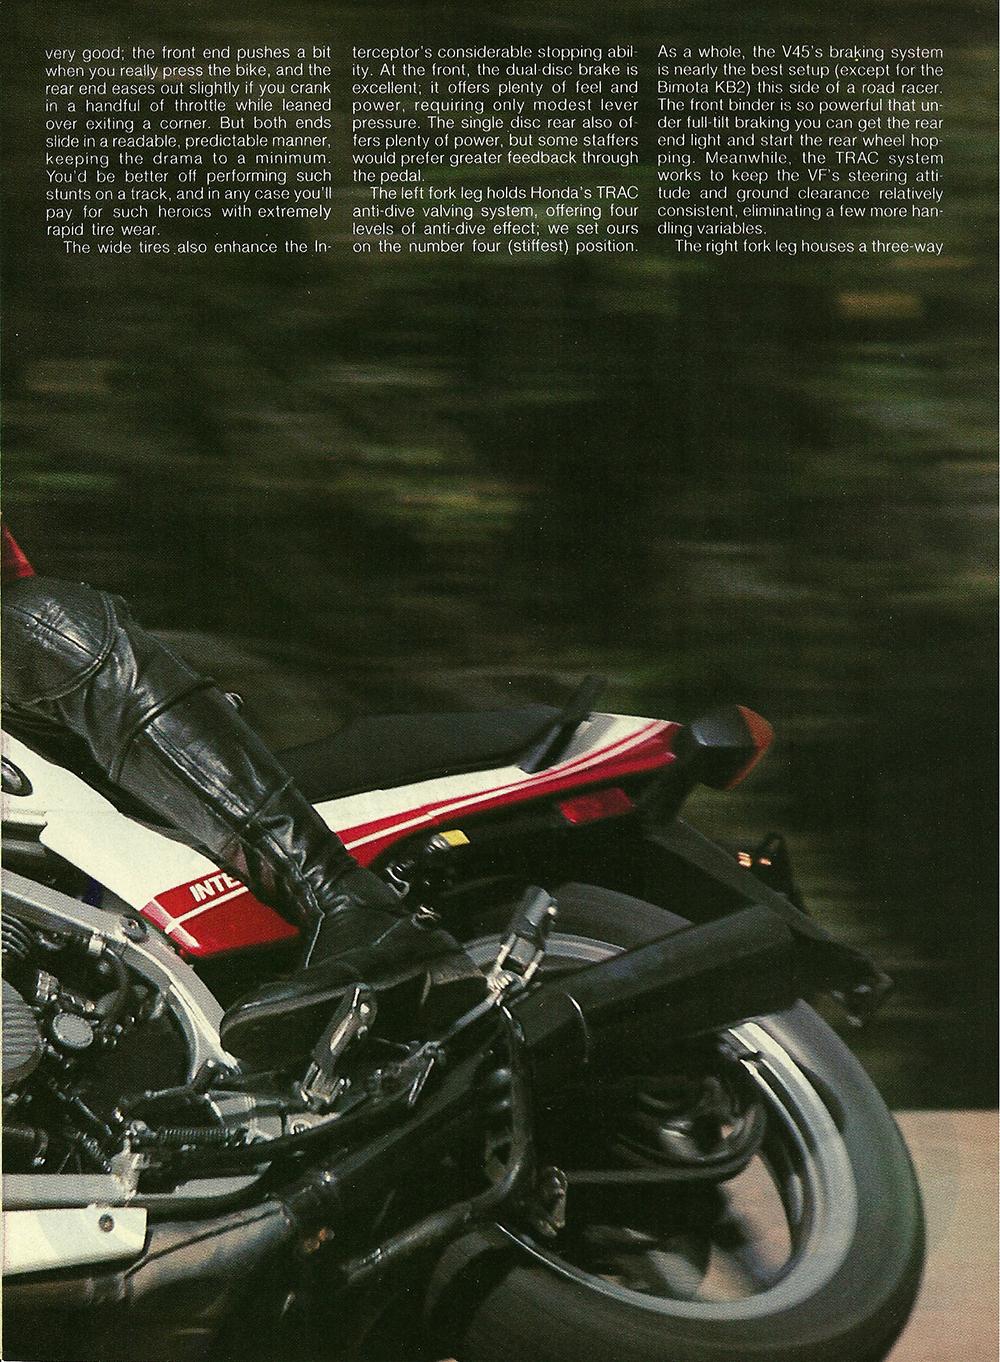 1983 Honda V45 Interceptor road test 04.jpg